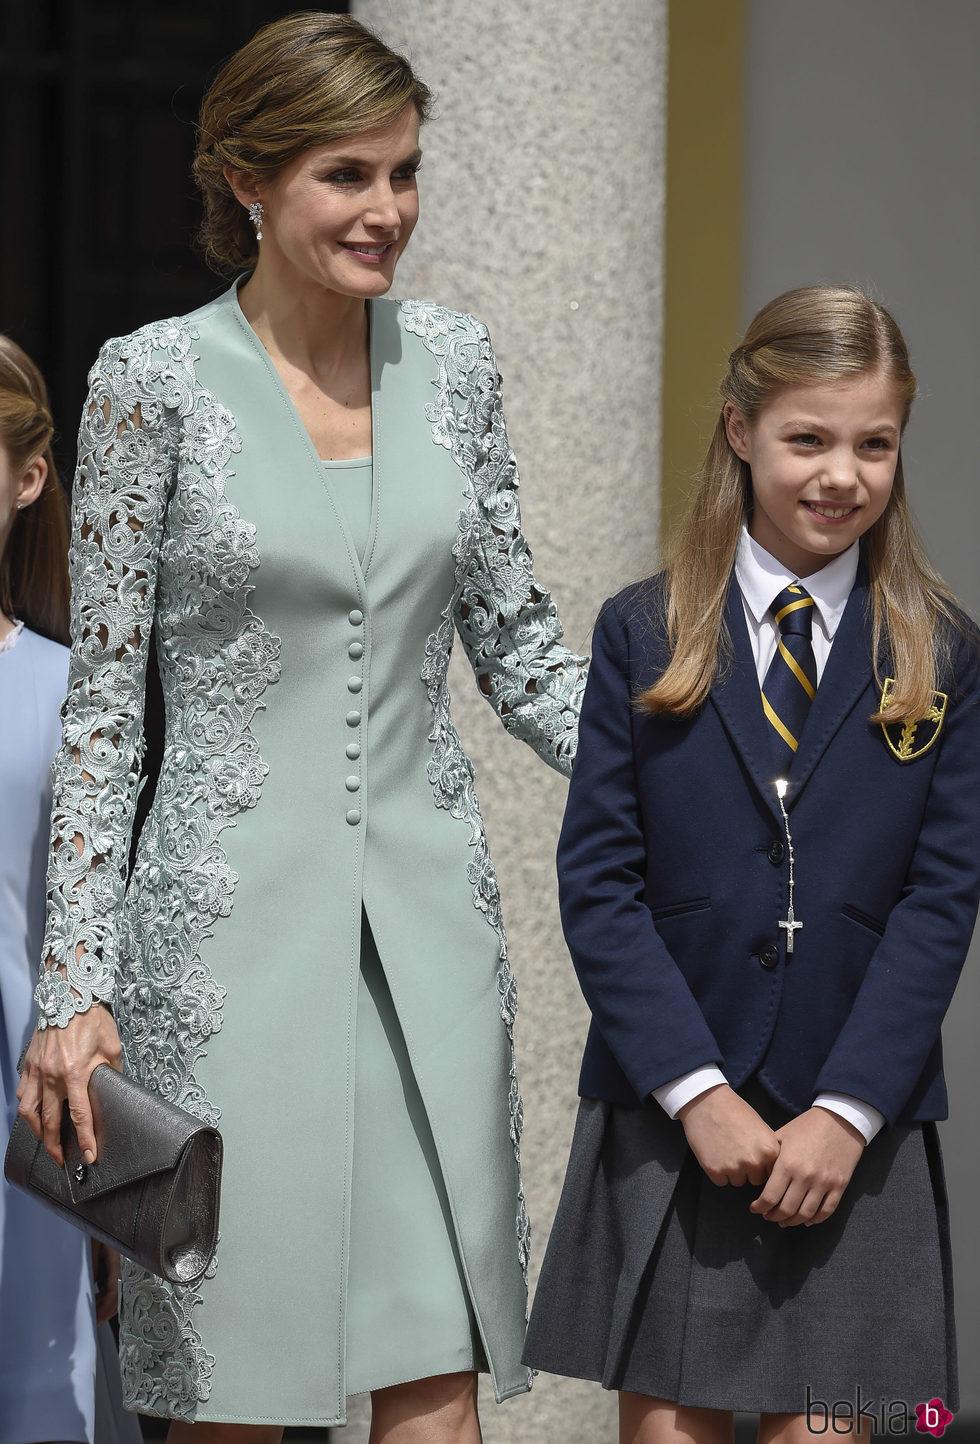 La Reina Letizia con un modelo verde de Felipe Varela en la Comunión de la Infanta Sofía